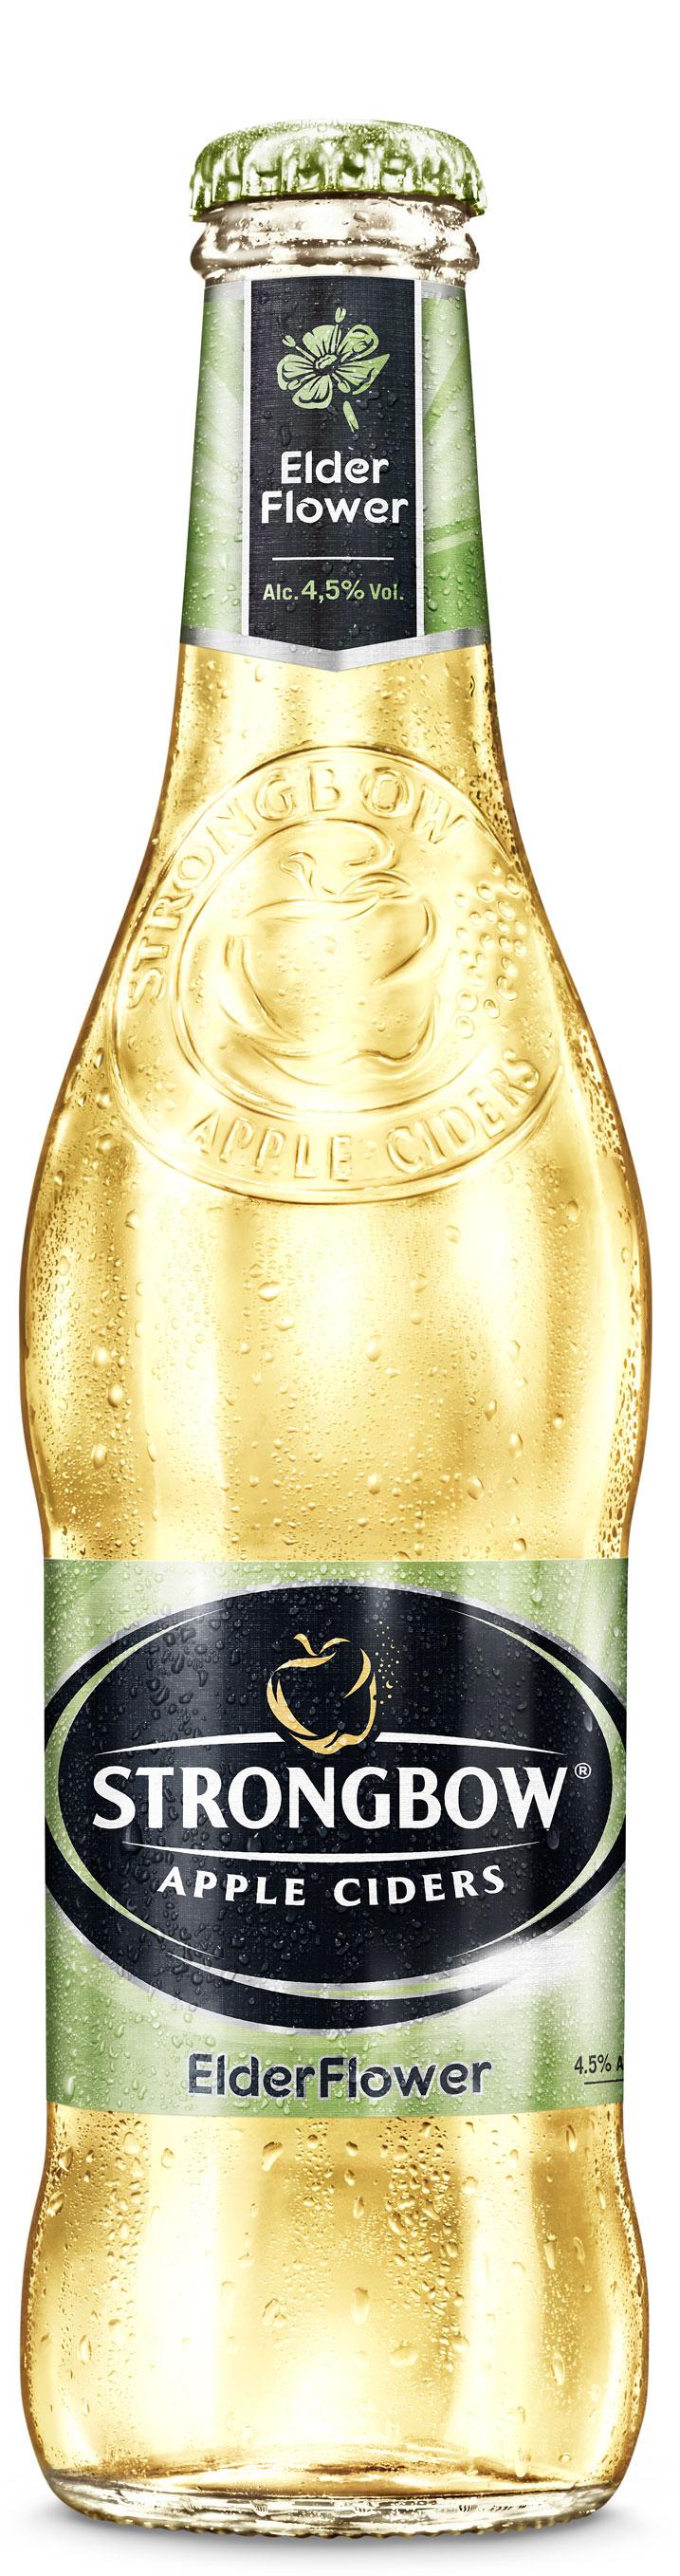 Strongbow Elderflower Cider Brewery International